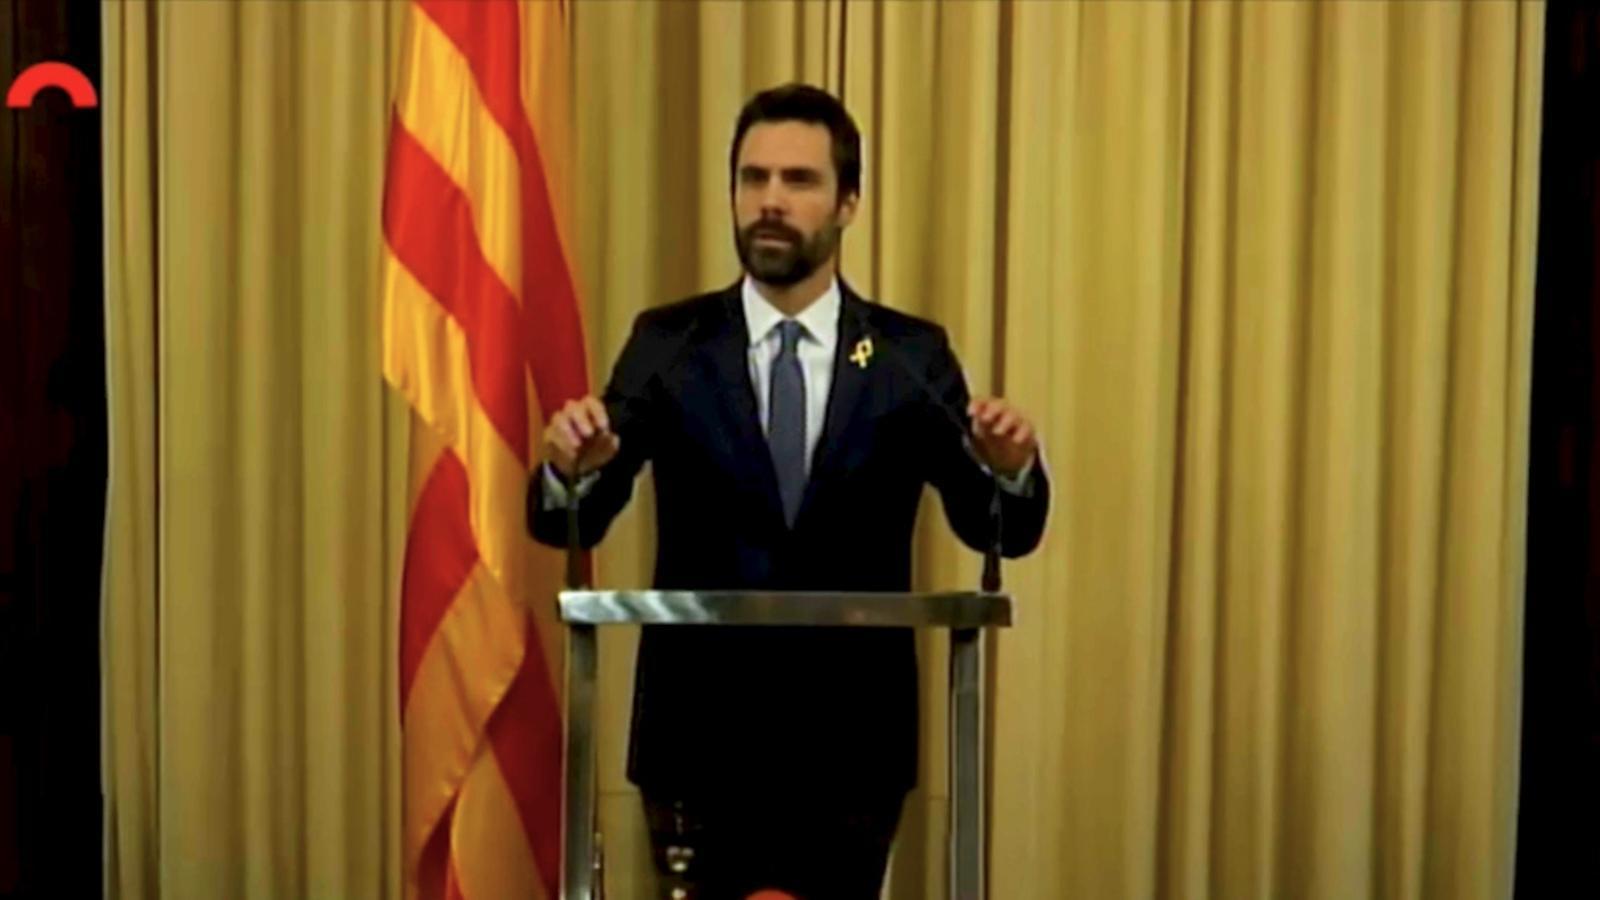 Torrent proposa Puigdemont com a candidat a la investidura